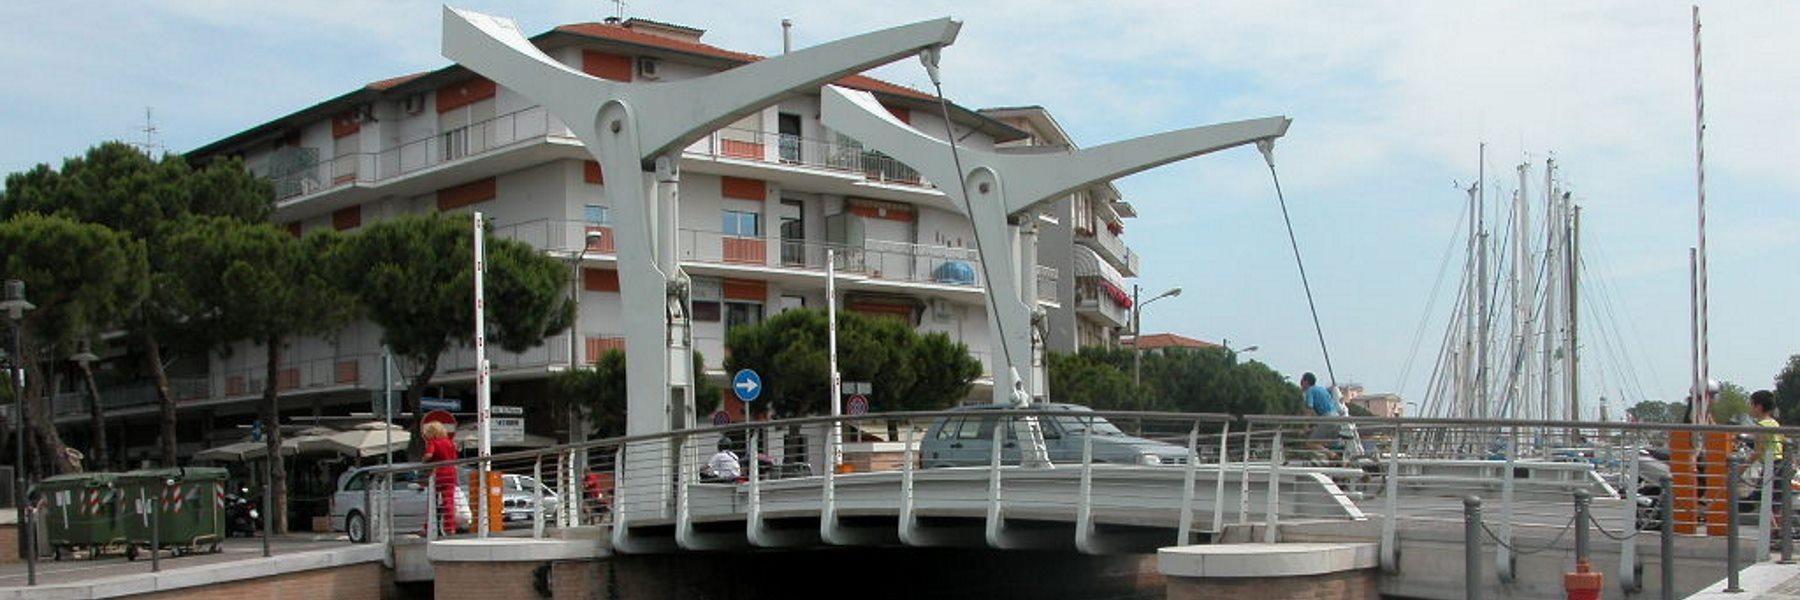 Paratoie Bridge